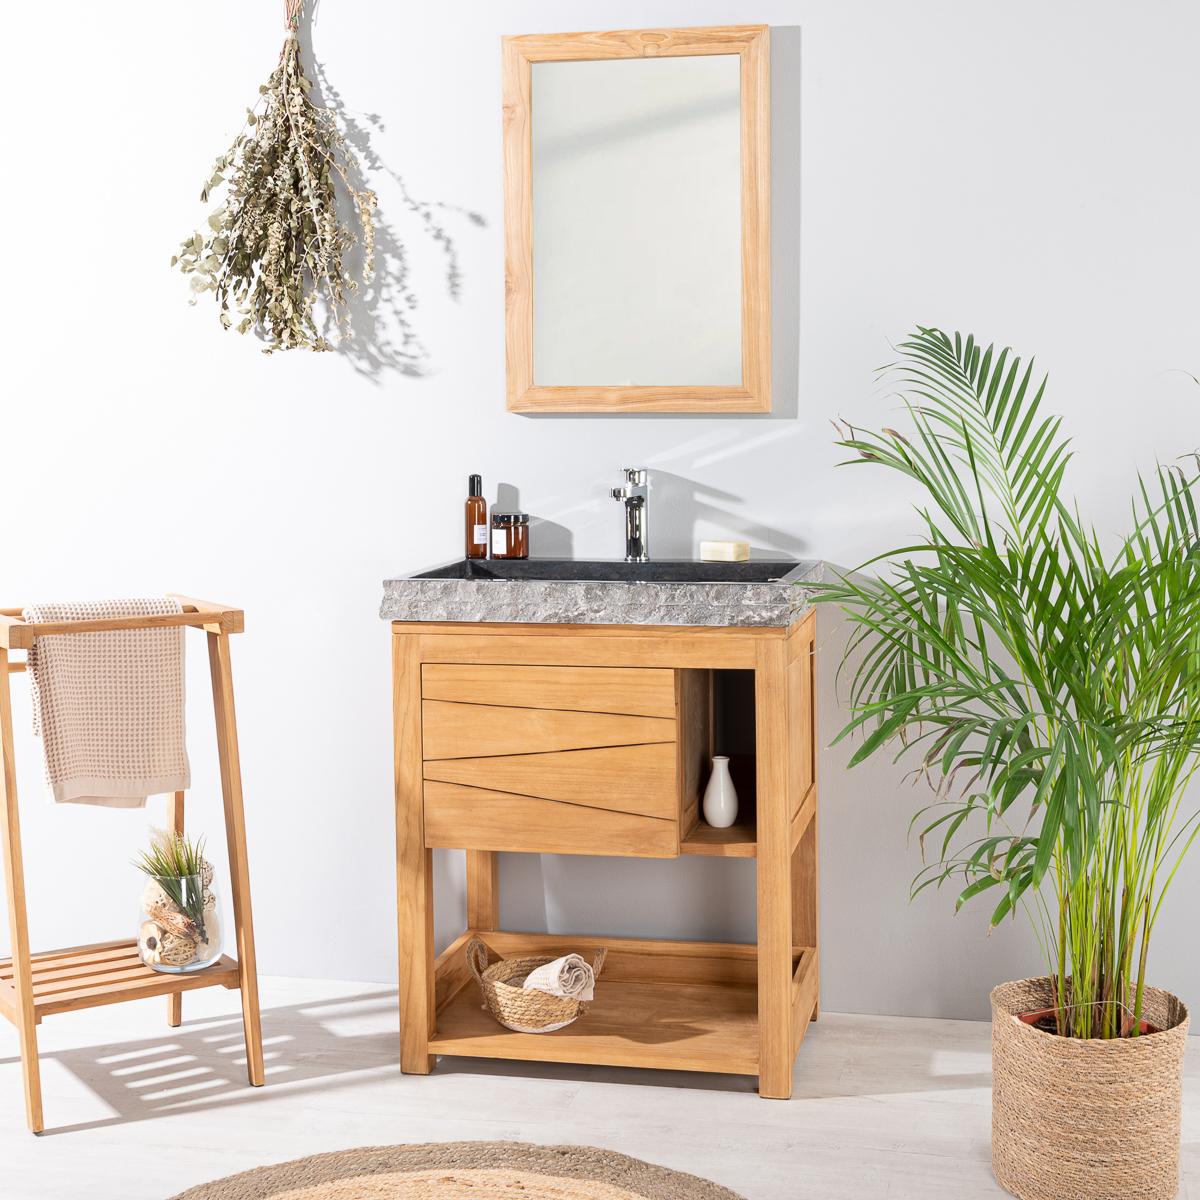 Mueble de cuarto de ba o mueble de teca con lavabo negro for Muebles de lavabo de 70 cm